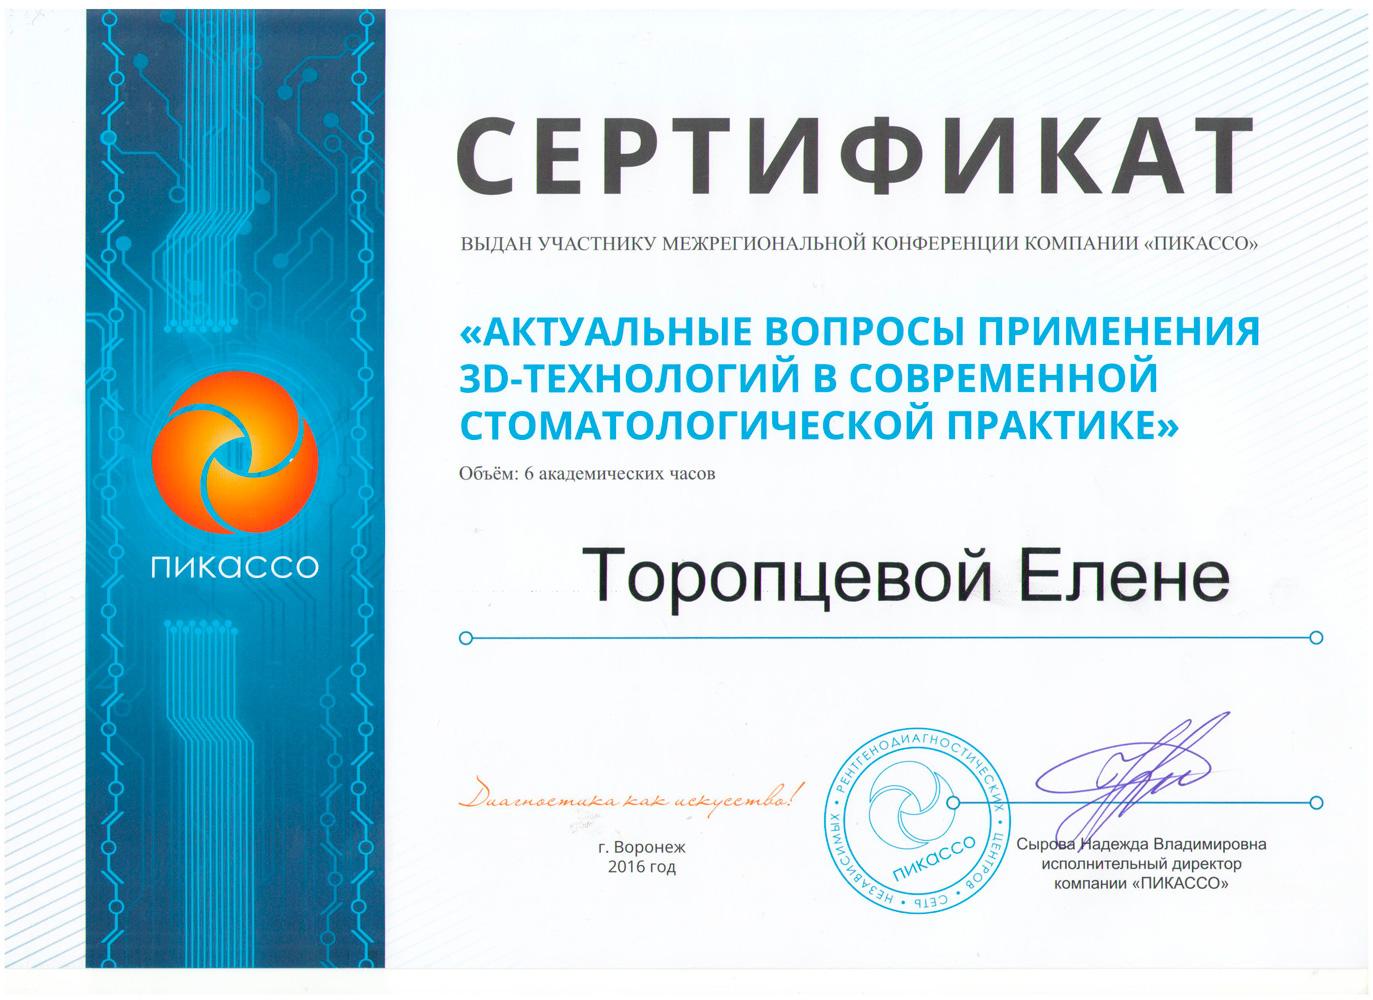 Торопцева Елена Николаевна - сертификат №4